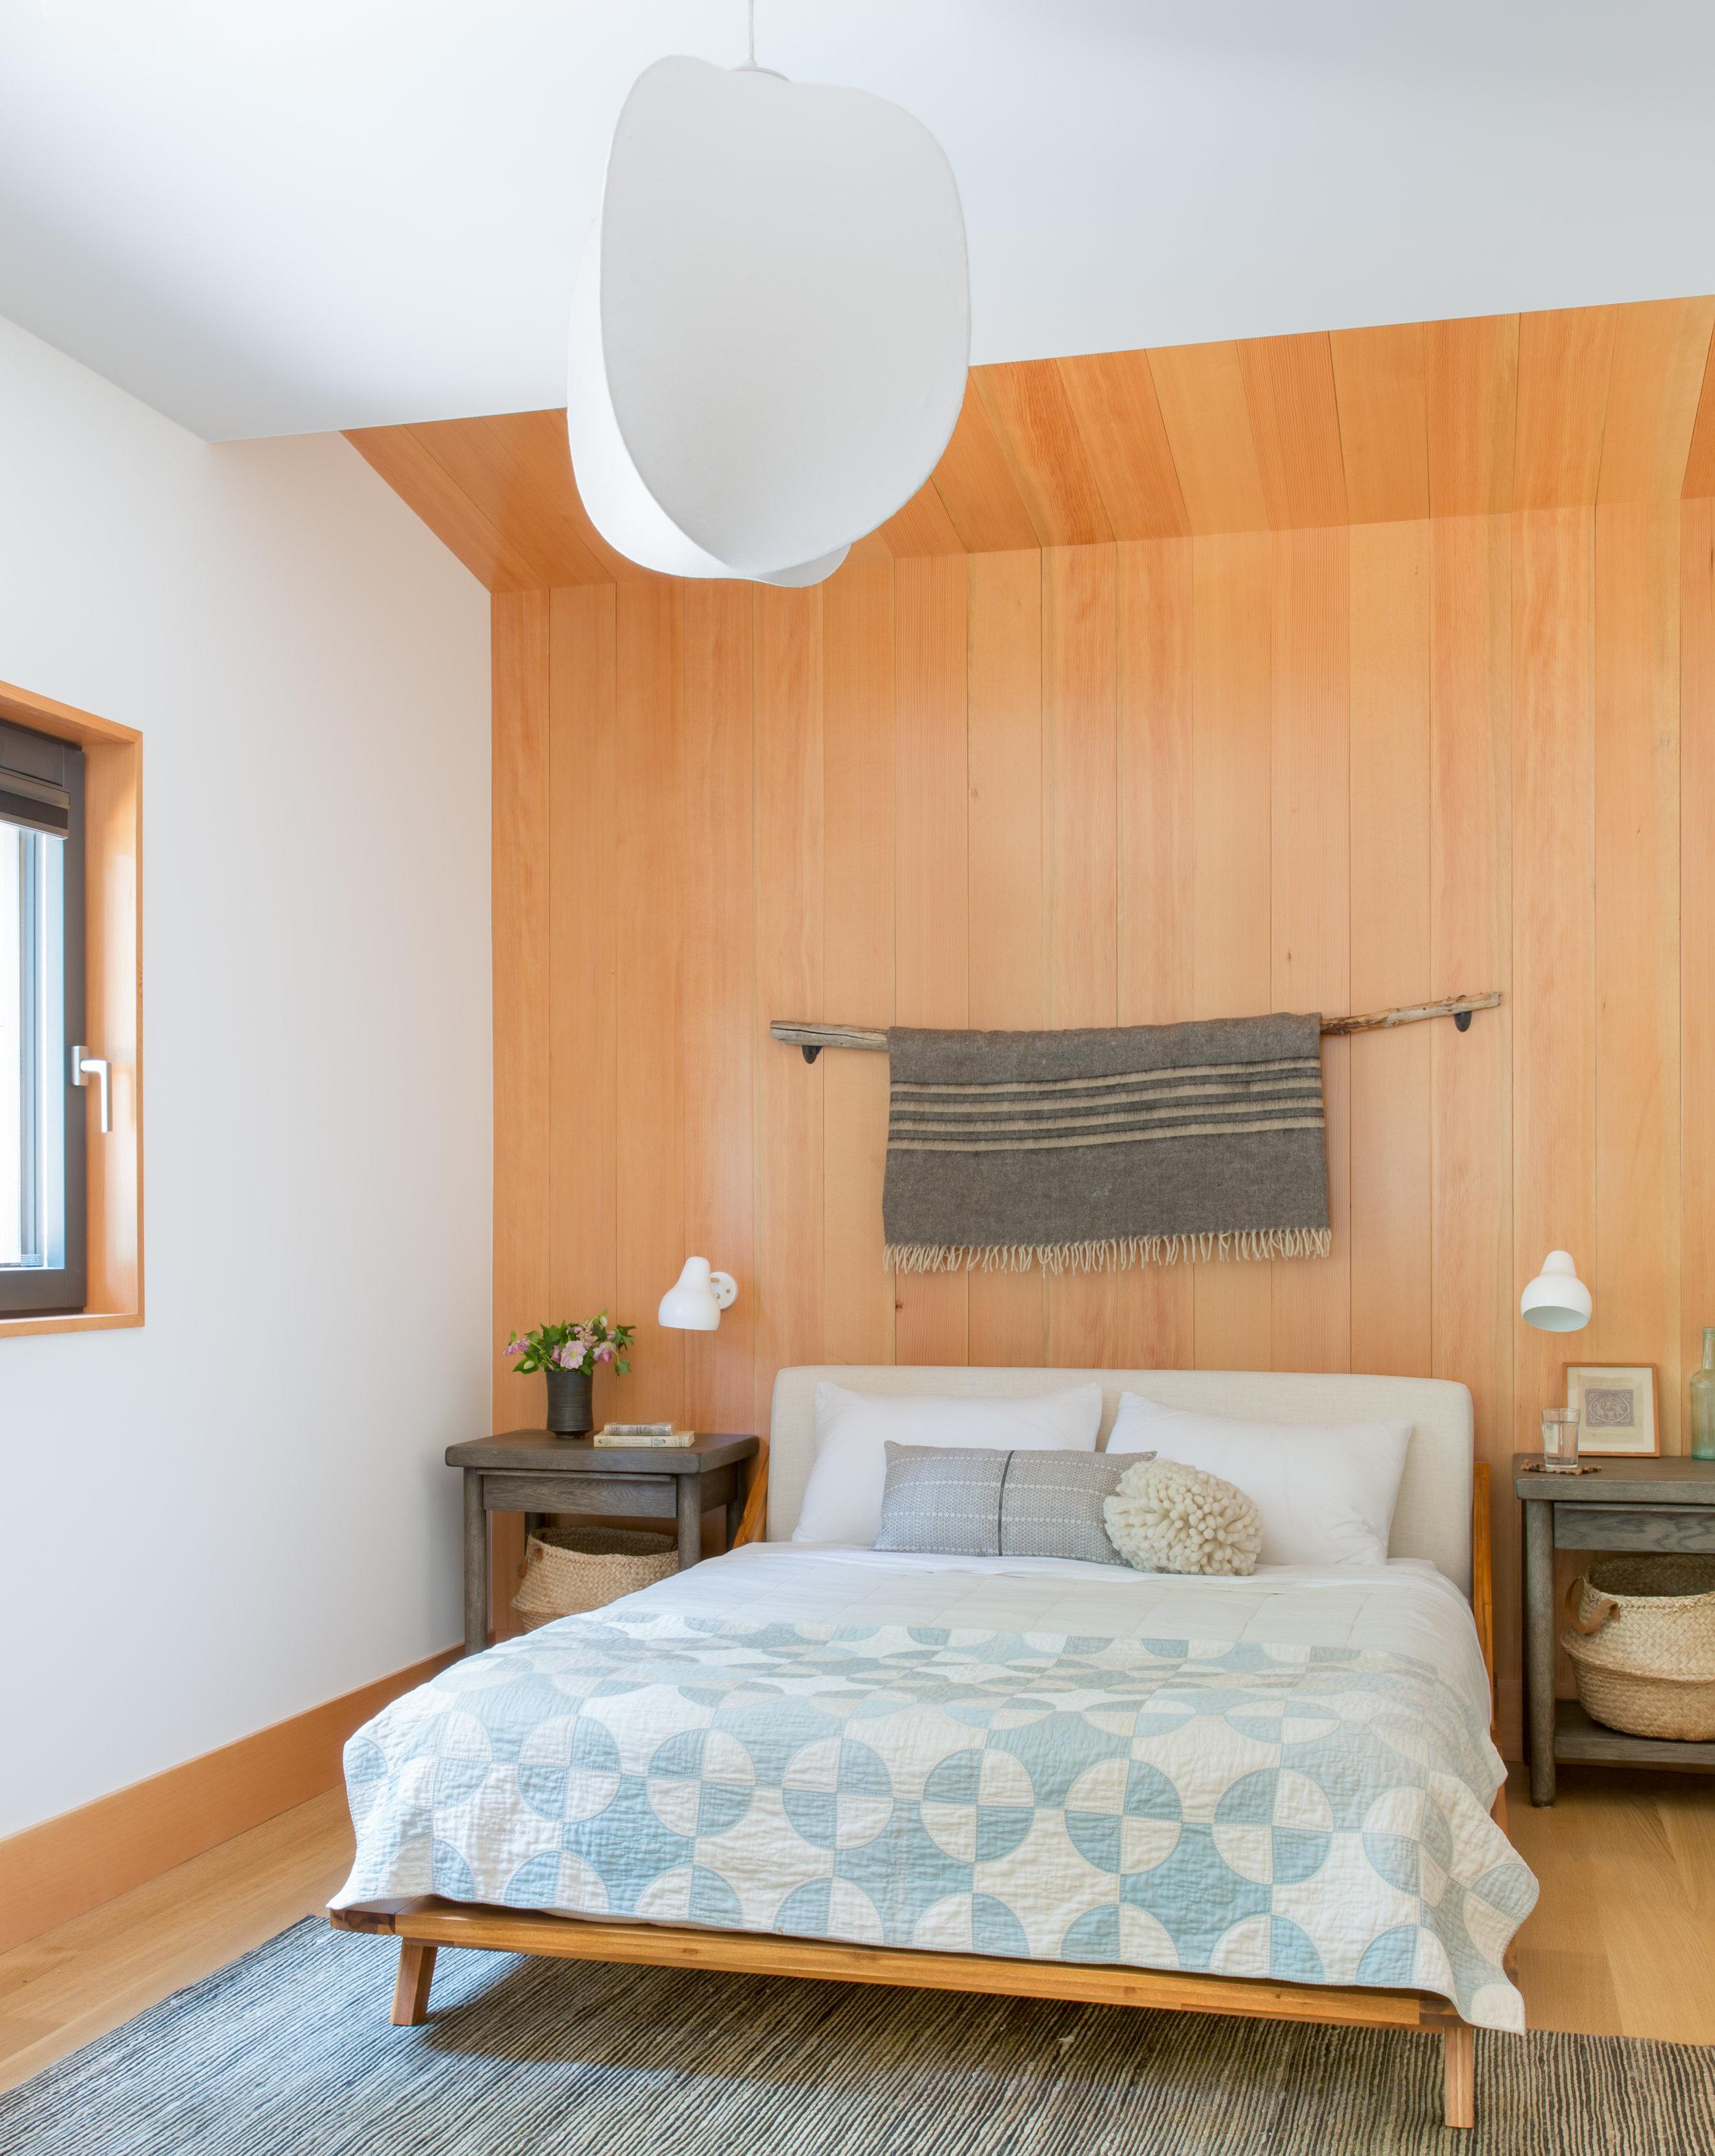 12_RBD_WOODSY TAHOE CABIN - MASTER BEDROOM.jpg